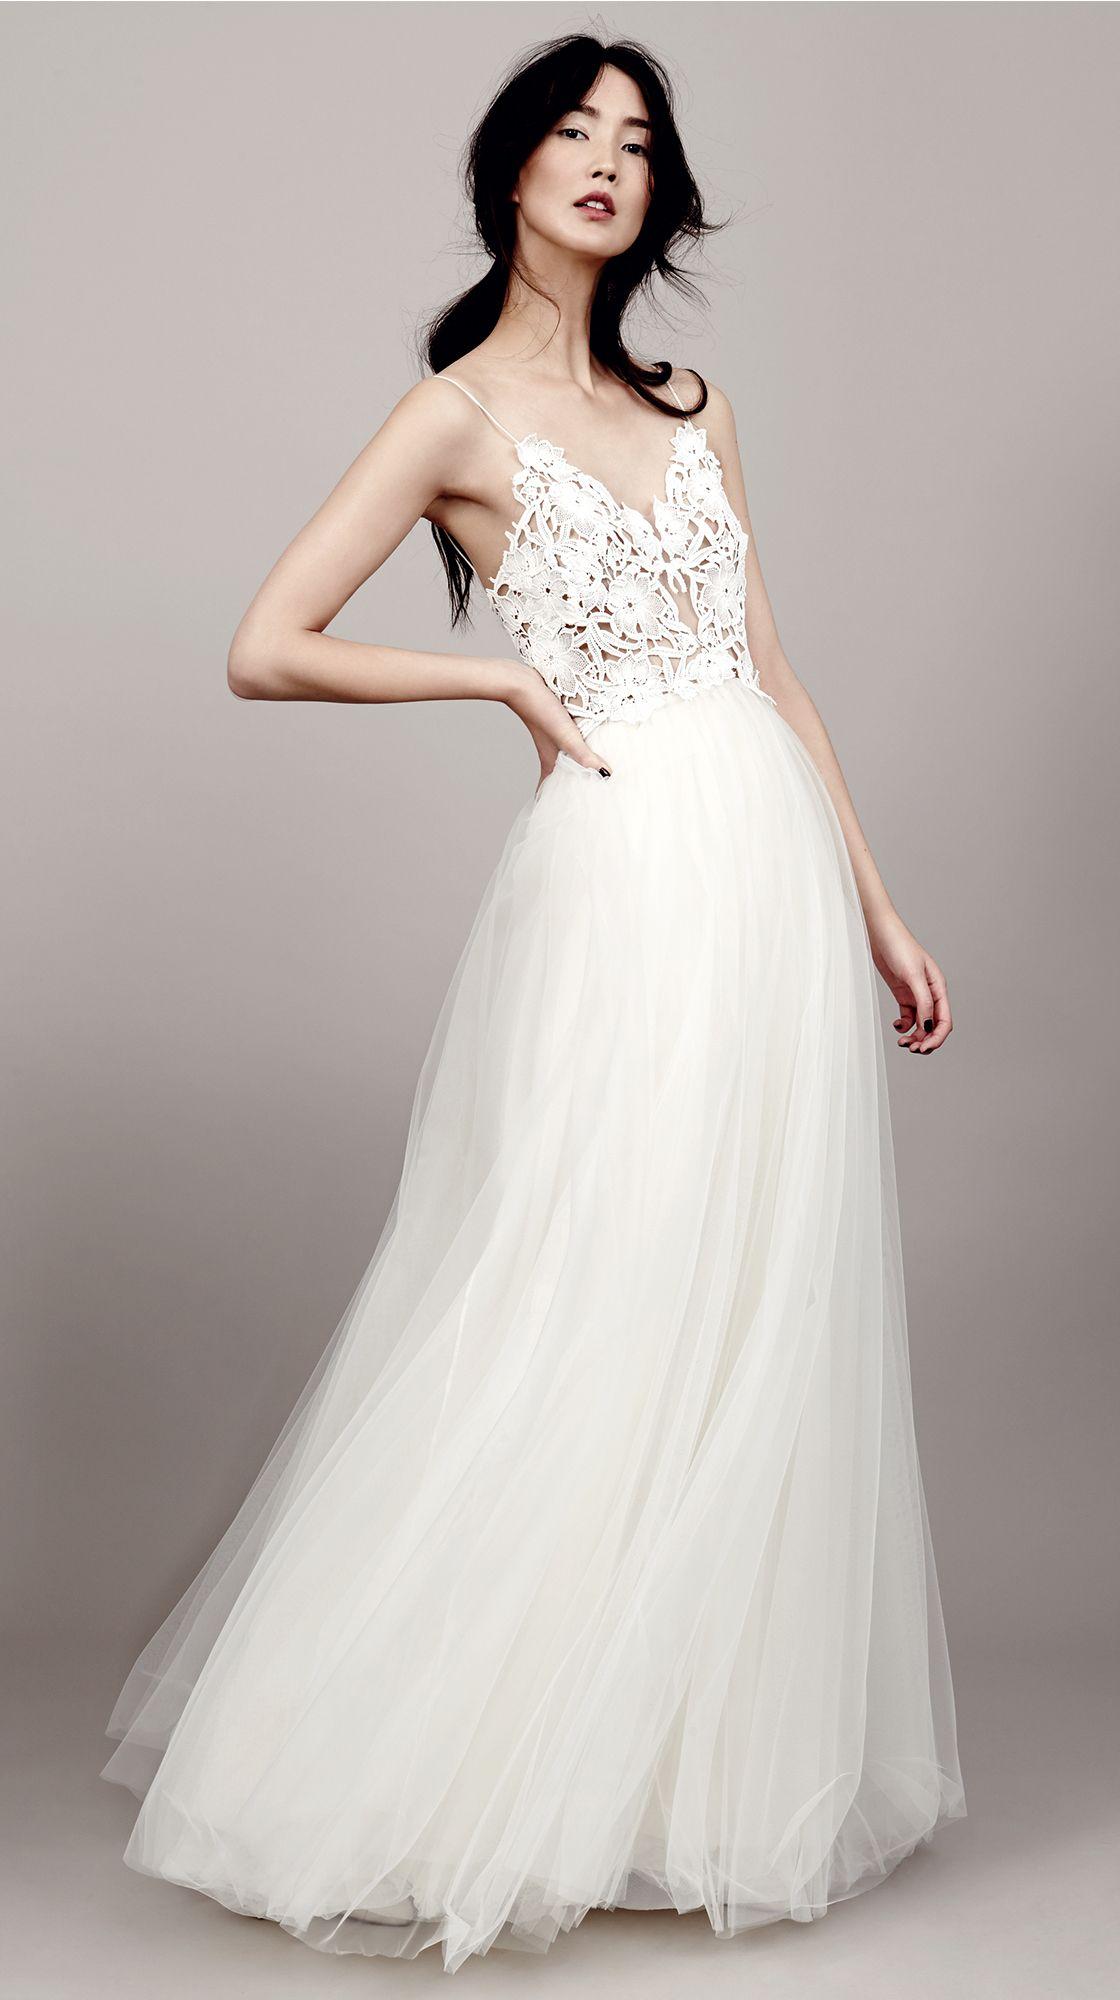 kaviar gauche  Bridal dresses, Butterfly wedding dress, Wedding